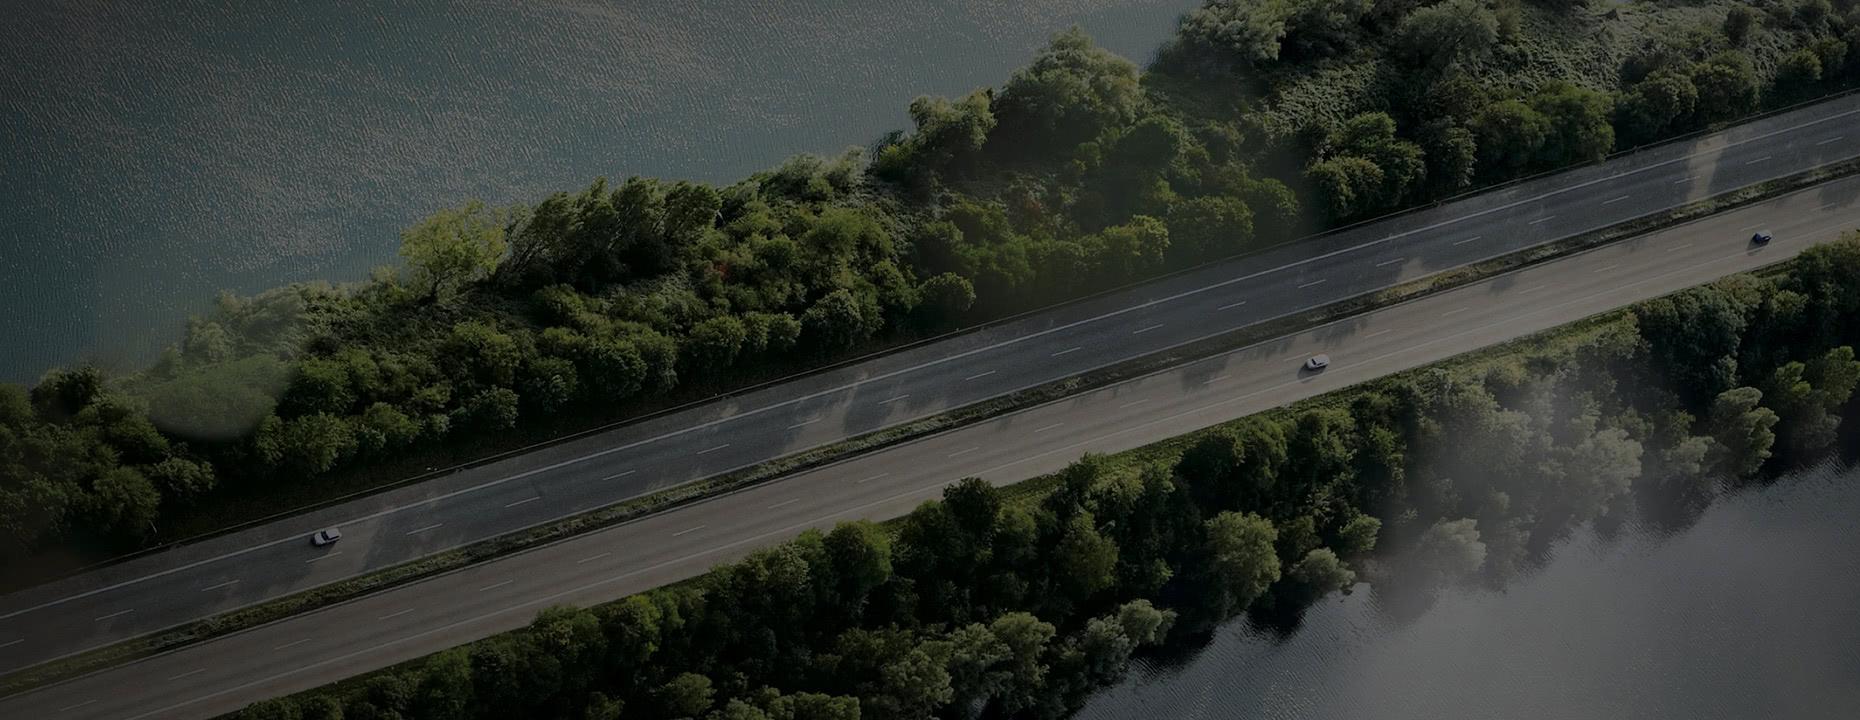 Нове покоління Hyundai Elantra дебютує в Голлівуді | Богдан-Авто Запорожье - фото 8